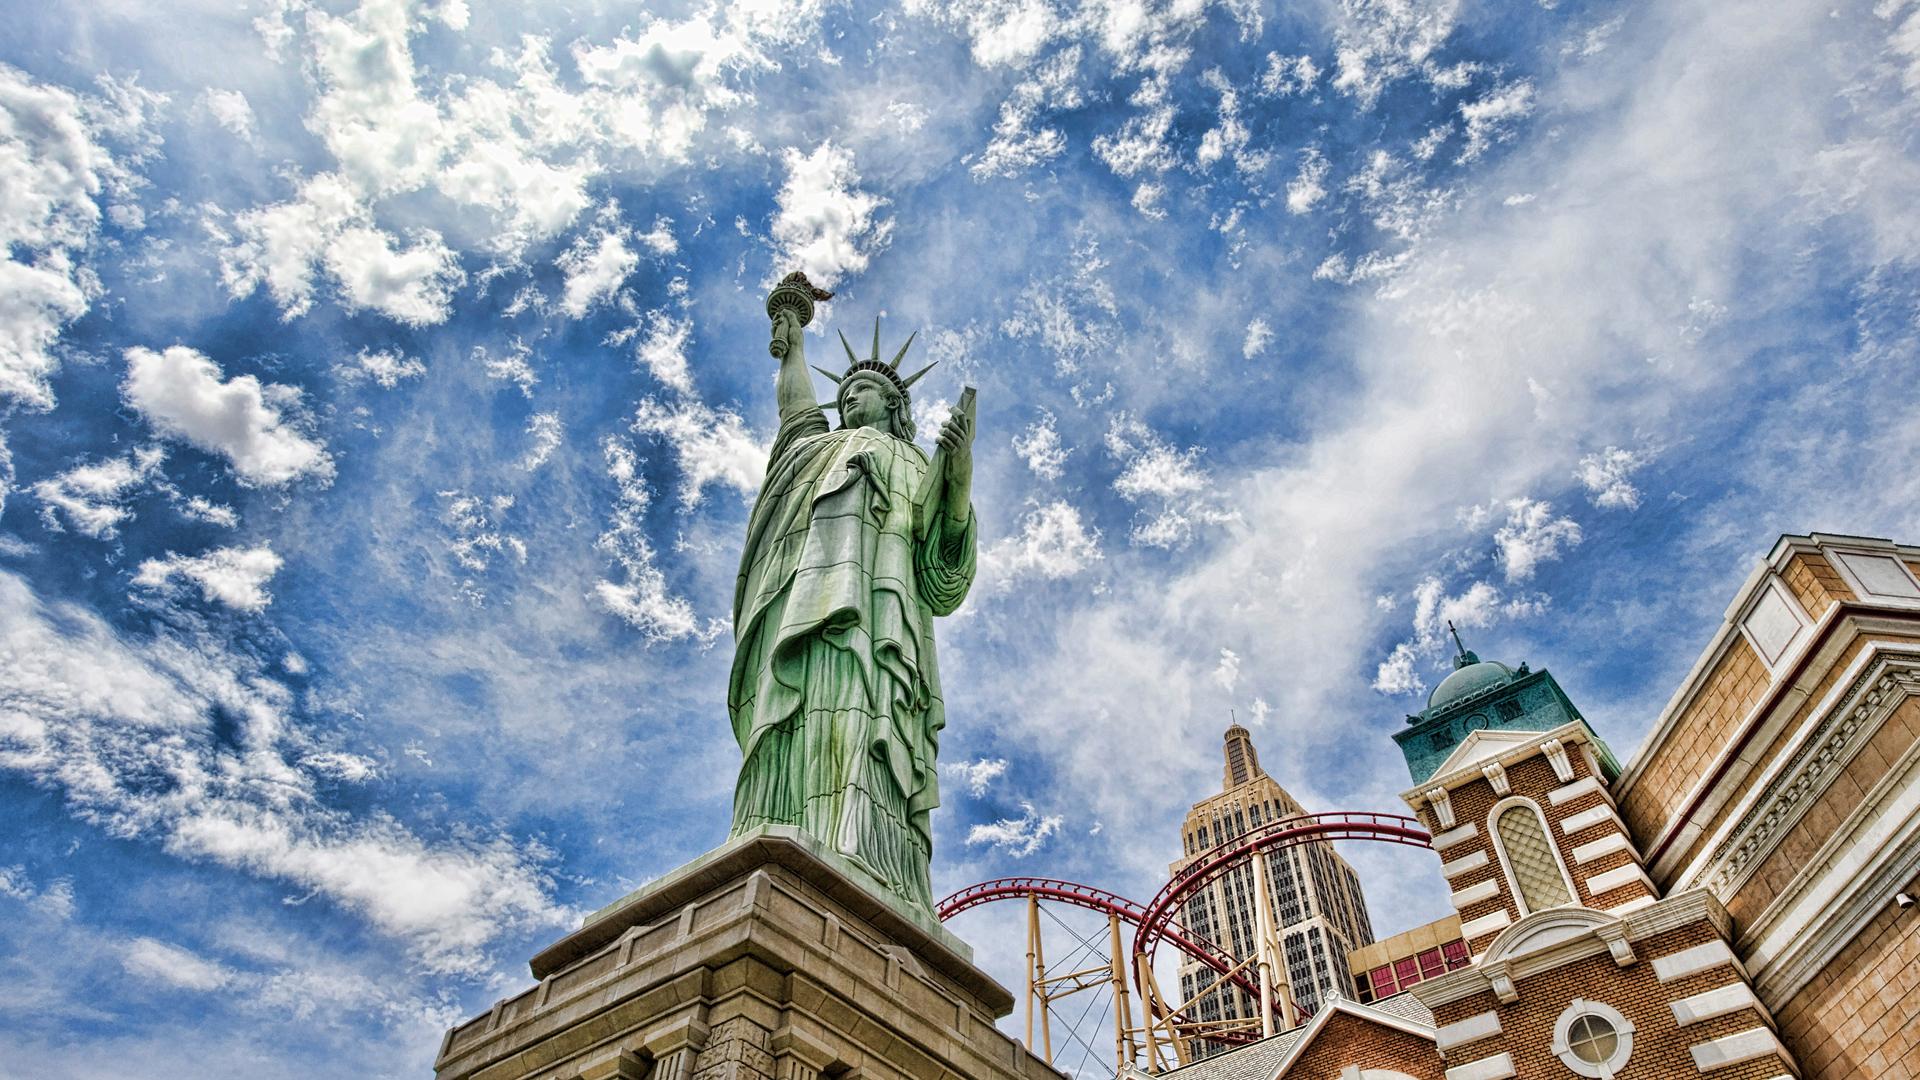 12530 скачать обои Сша (Usa), Архитектура, Статуя Свободы, Памятники - заставки и картинки бесплатно